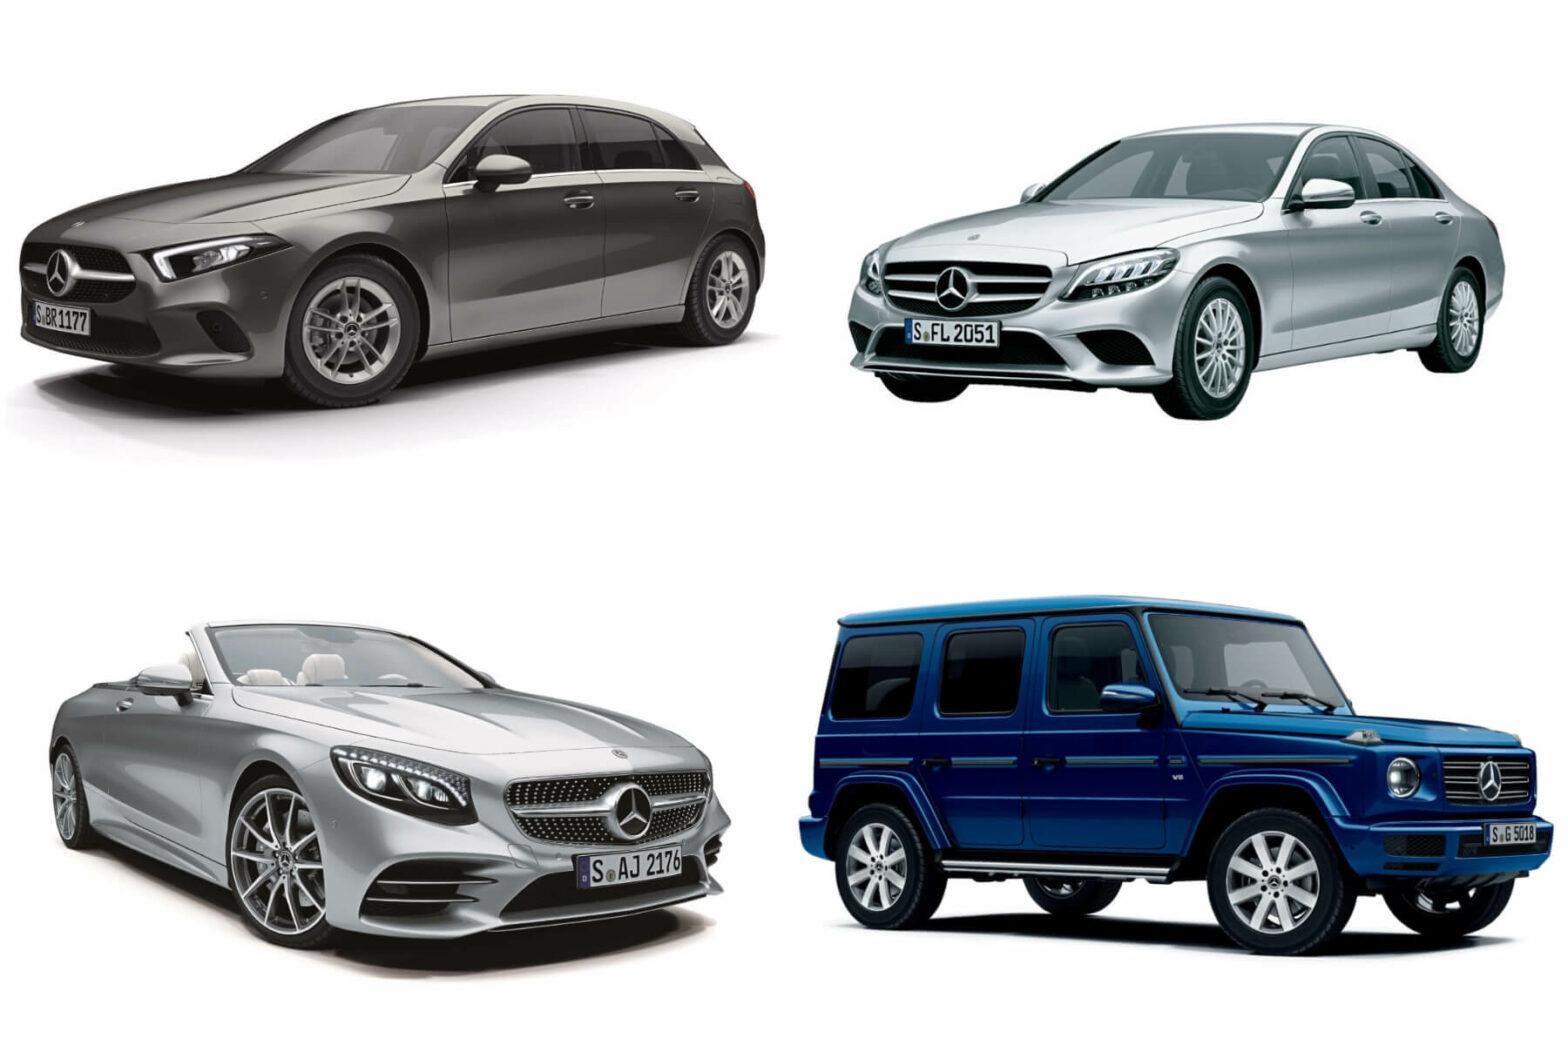 【メルセデス・ベンツ】新車で買える現行車種一覧 2020年4月最新情報